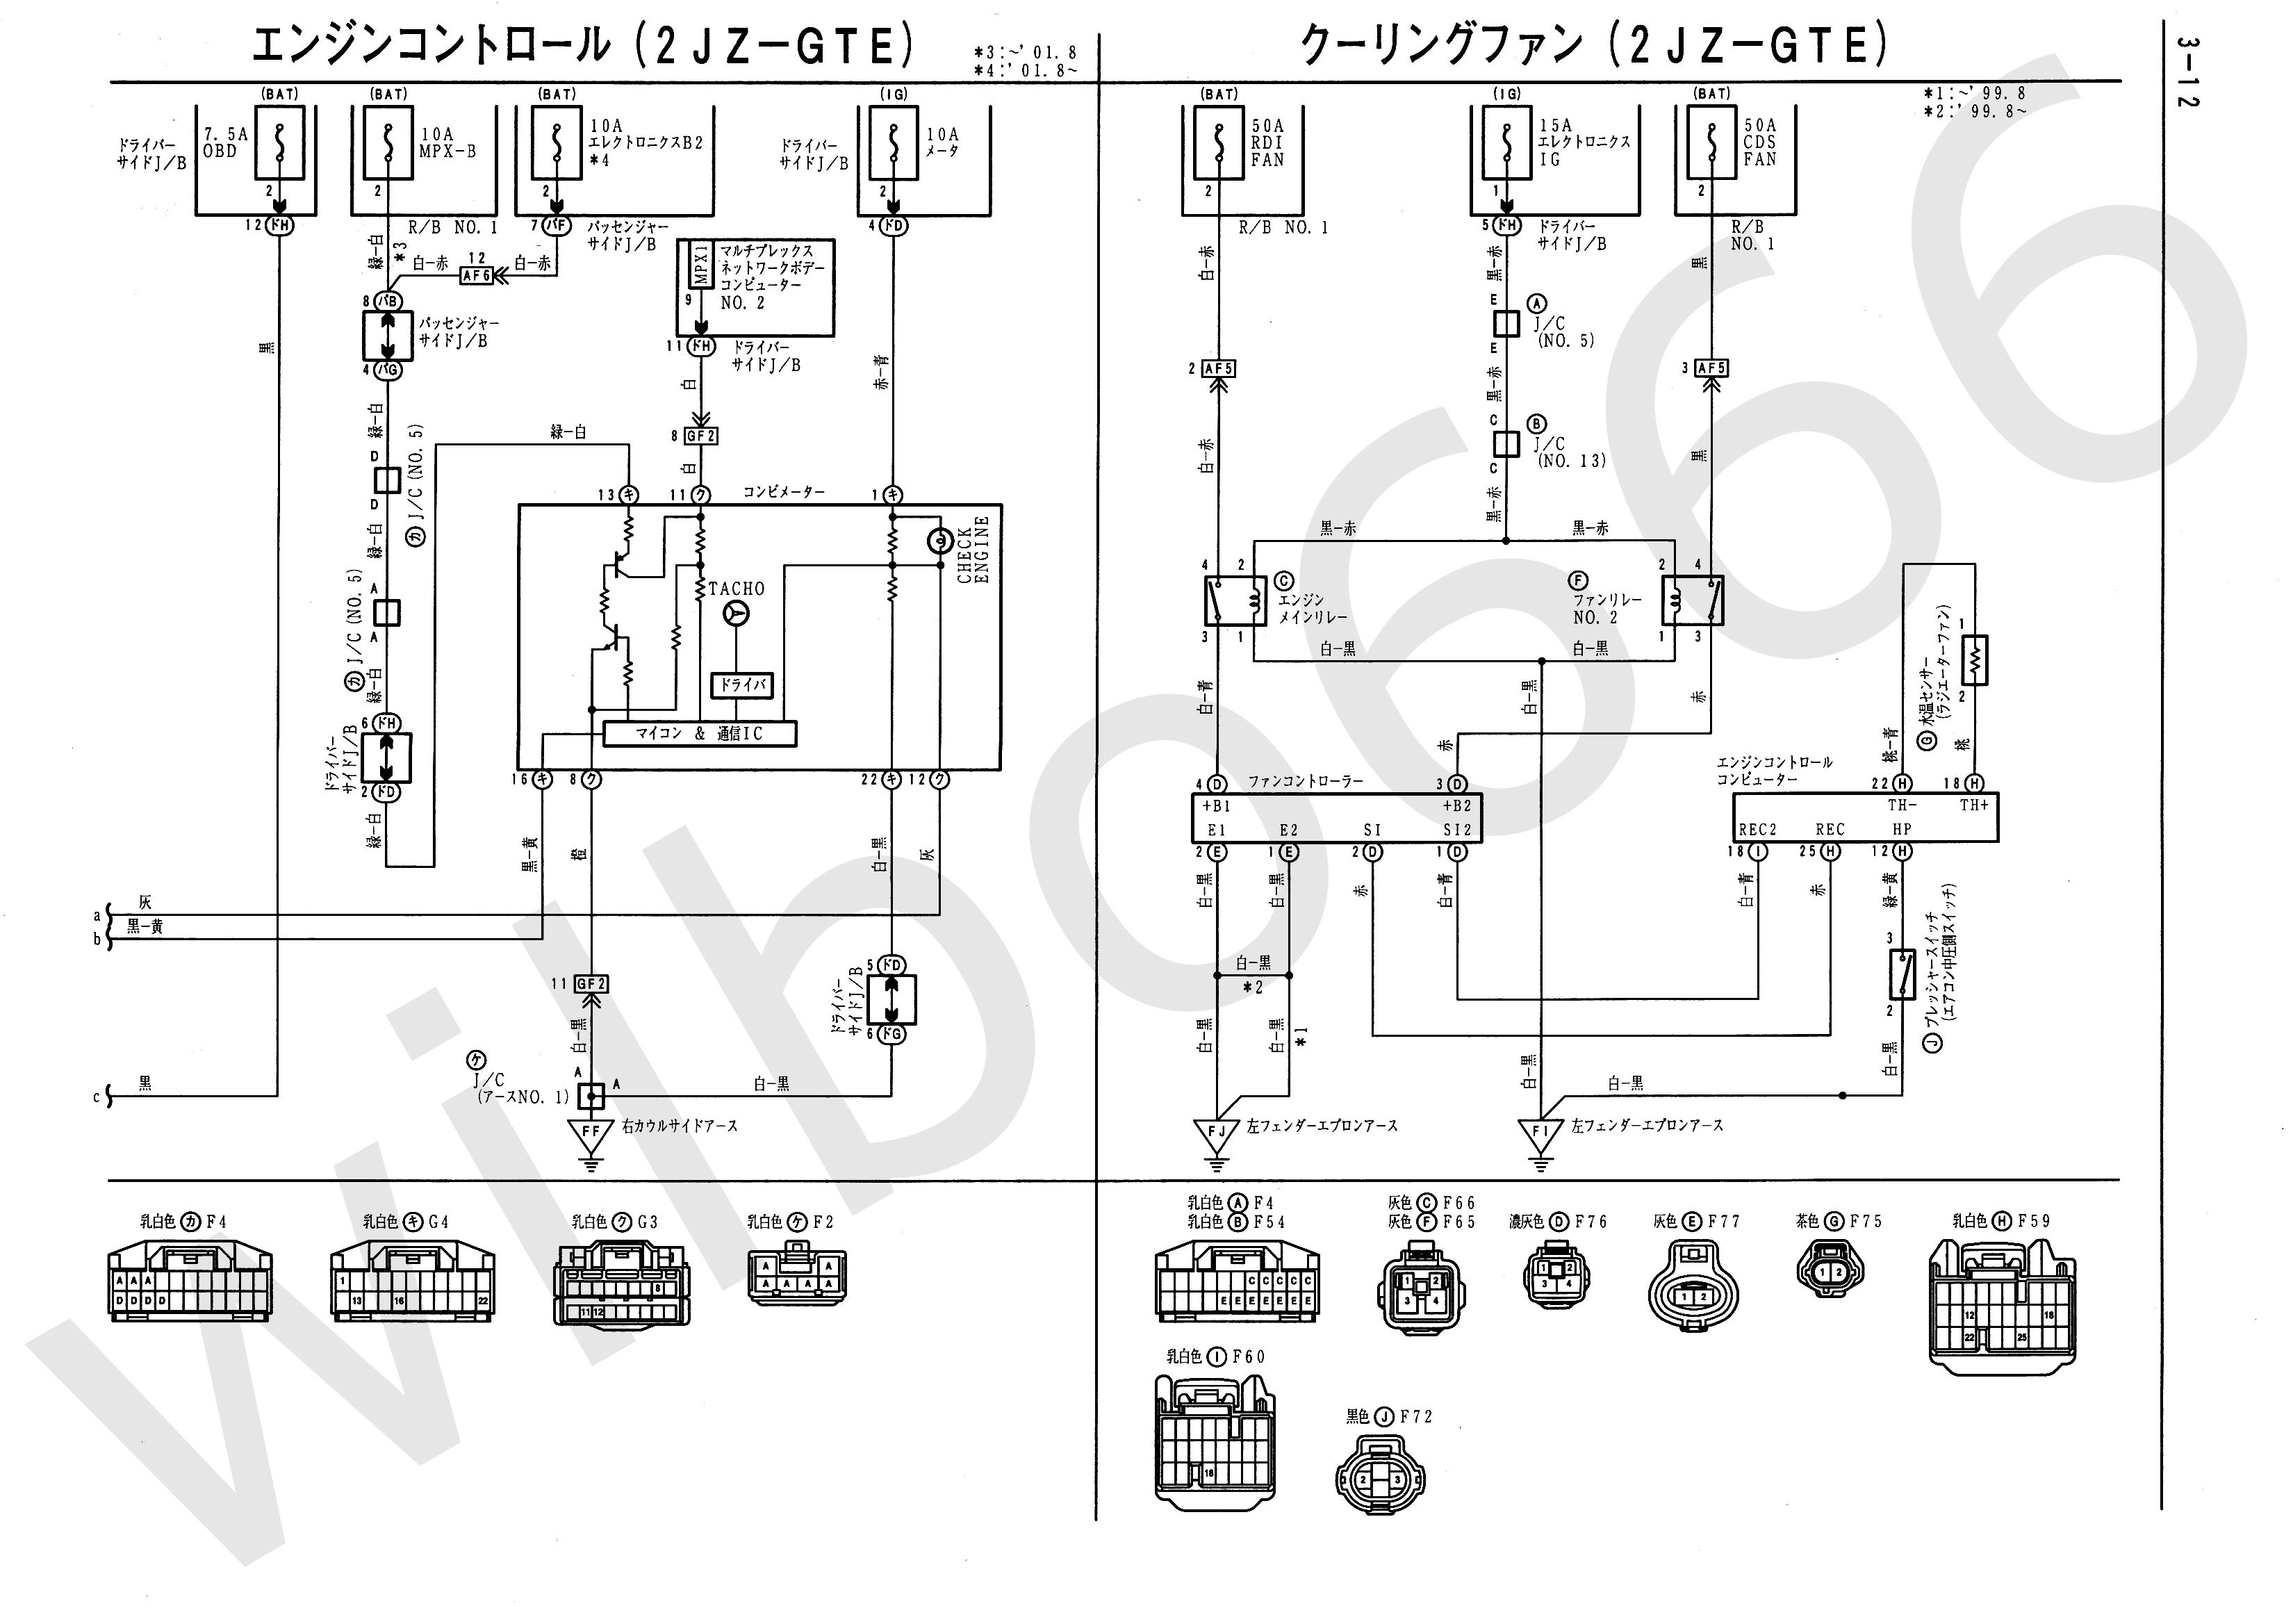 Wiring Diagram Toyota 2jz Ge : Wilbo jz gte vvti jzs aristo engine wiring